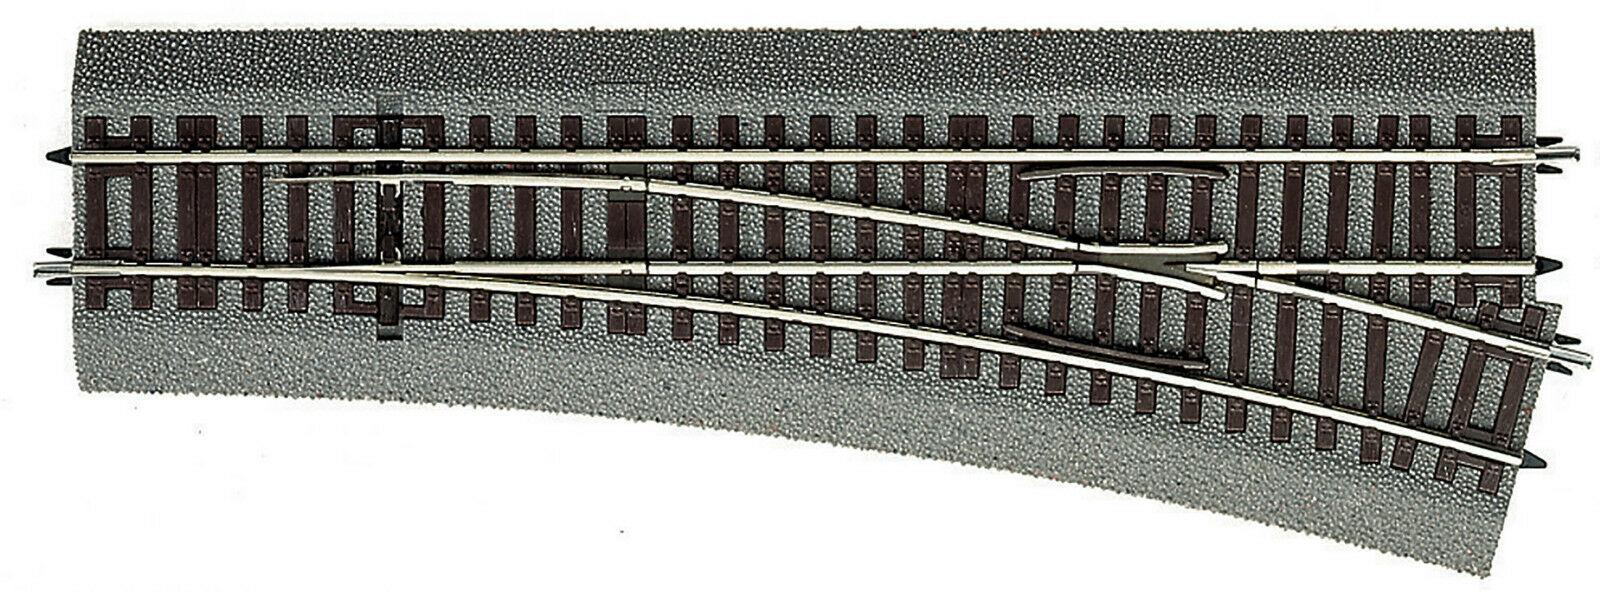 ROCO H0 Line Weiche rechts WR15 mit Antrieb